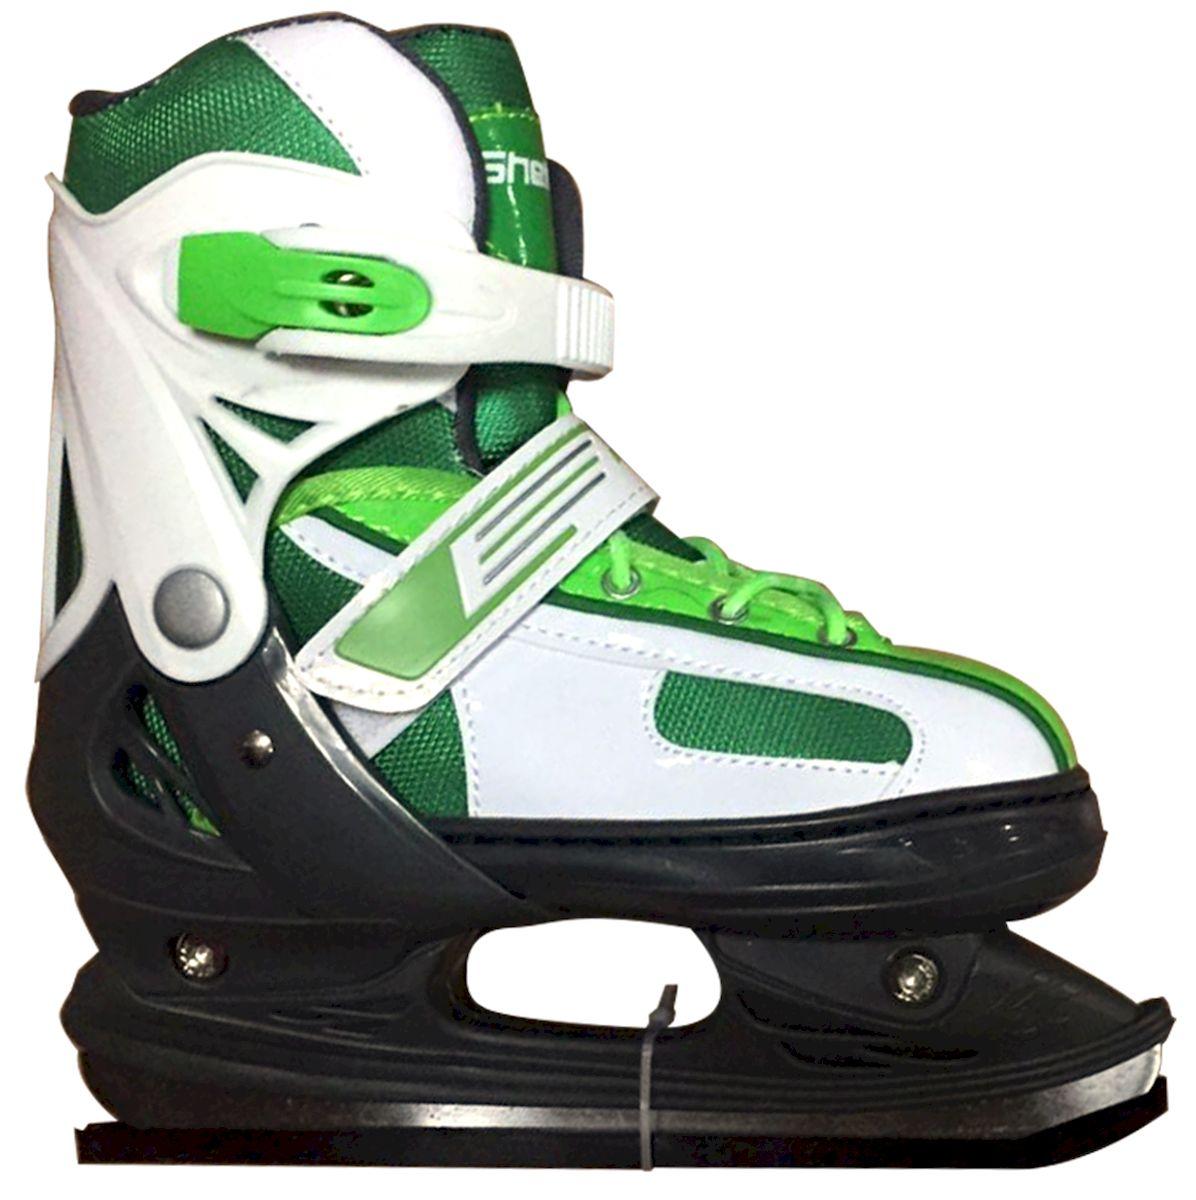 Коньки ледовые Ice Blade Shelby, раздвижные, цвет: черный, зеленый, белый. УТ-00009127. Размер S (30/33)УТ-00009127Коньки раздвижные Shelby - это классические раздвижные коньки от известного бренда Ice Blade, которые предназначены для детей и подростков, а также для тех, кто делает первые шаги в катании на льду.Ботинок изготовлен из морозоустойчивого пластика. Внутренняя поверхность из мягкого и теплого текстиля обеспечивает комфорт во время движения. Лезвие выполнено из высокоуглеродистой стали с покрытием из никеля. Пластиковая клипса с фиксатором, хлястик на липучке и шнуровка надежно фиксируют голеностоп. Конструкция коньков позволяет быстро и точно изменять их размер. Яркий молодежный дизайн, теплый внутренний сапожок, удобная трехуровневая система фиксации ноги, легкая смена размера, надежная защита пятки и носка - все это бесспорные преимущества модели. Коньки поставляются с заводской заточкой лезвия, что позволяет сразу приступить к катанию и не тратить денег на заточку. Предназначены для использования на открытом и закрытом льду.